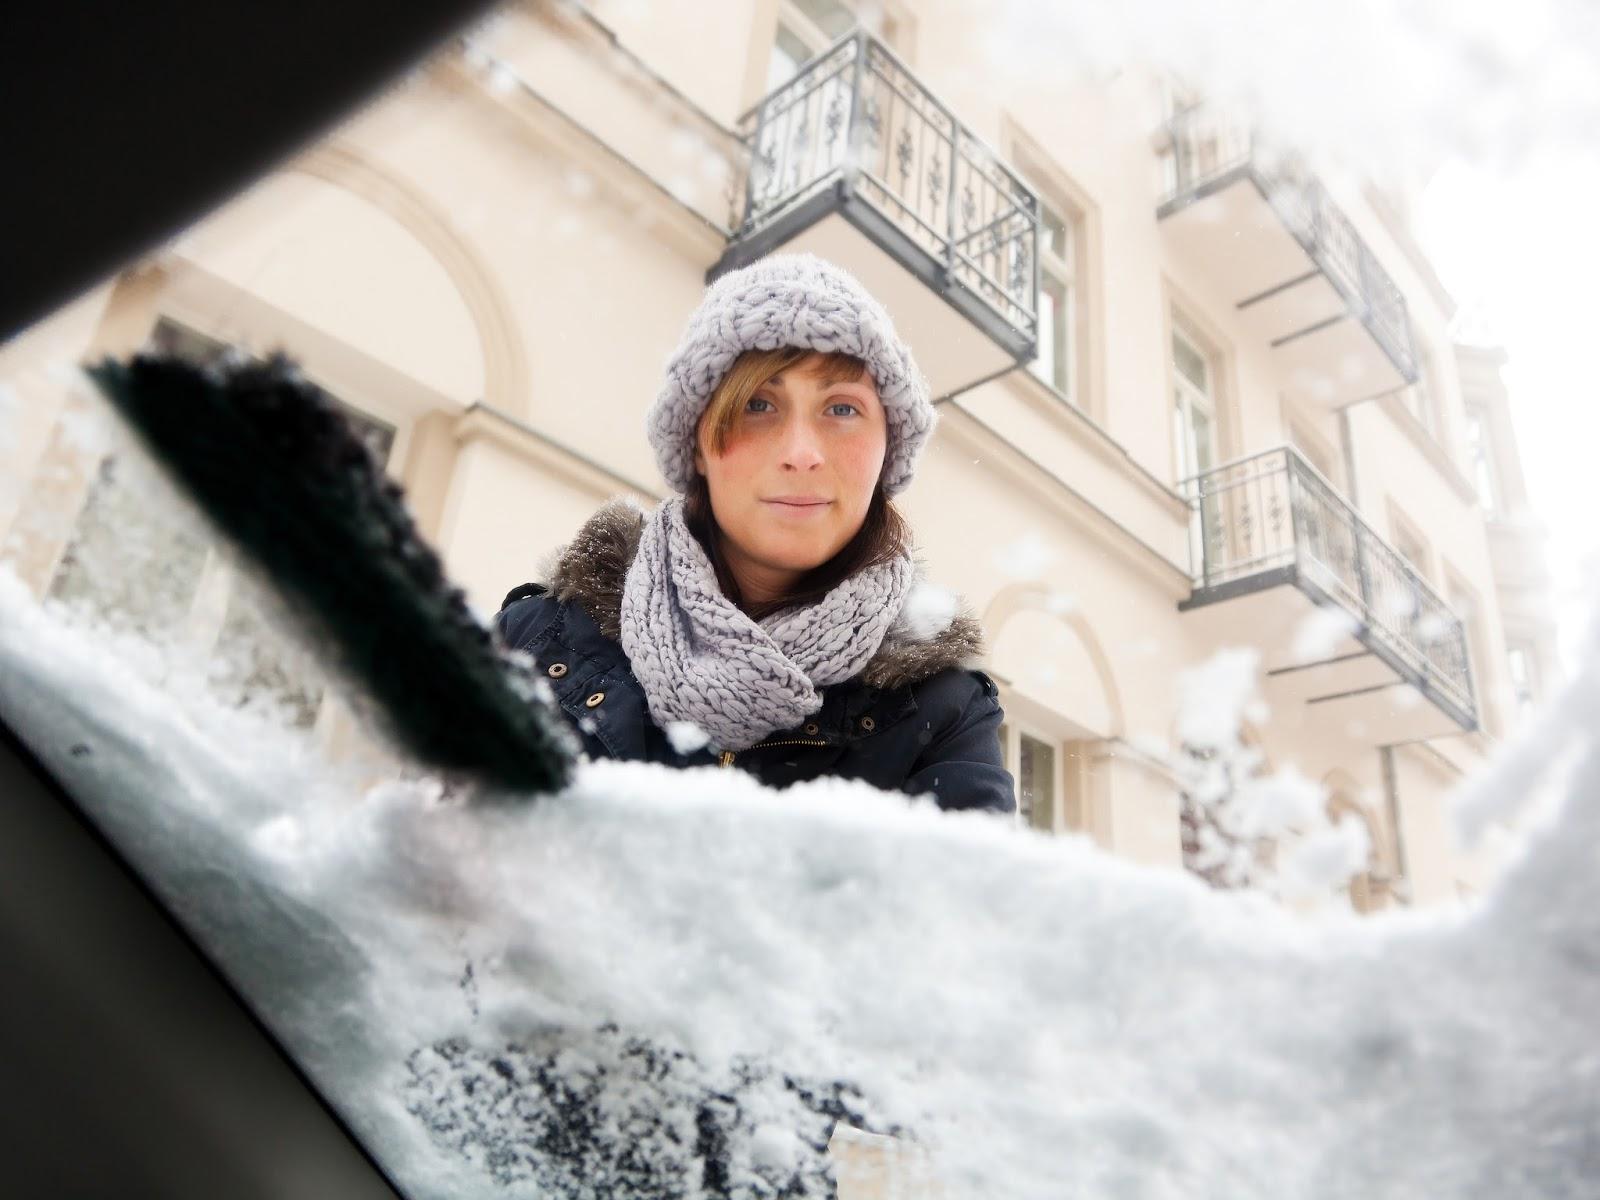 blog post 5 2 1912864552 Πώς να προετοιμάσεις το αυτοκίνητό σου για τον χειμώνα zblog, αυτοκίνητο, οδήγηση, ΣΥΜΒΟΥΛΕΣ, χειμώνας